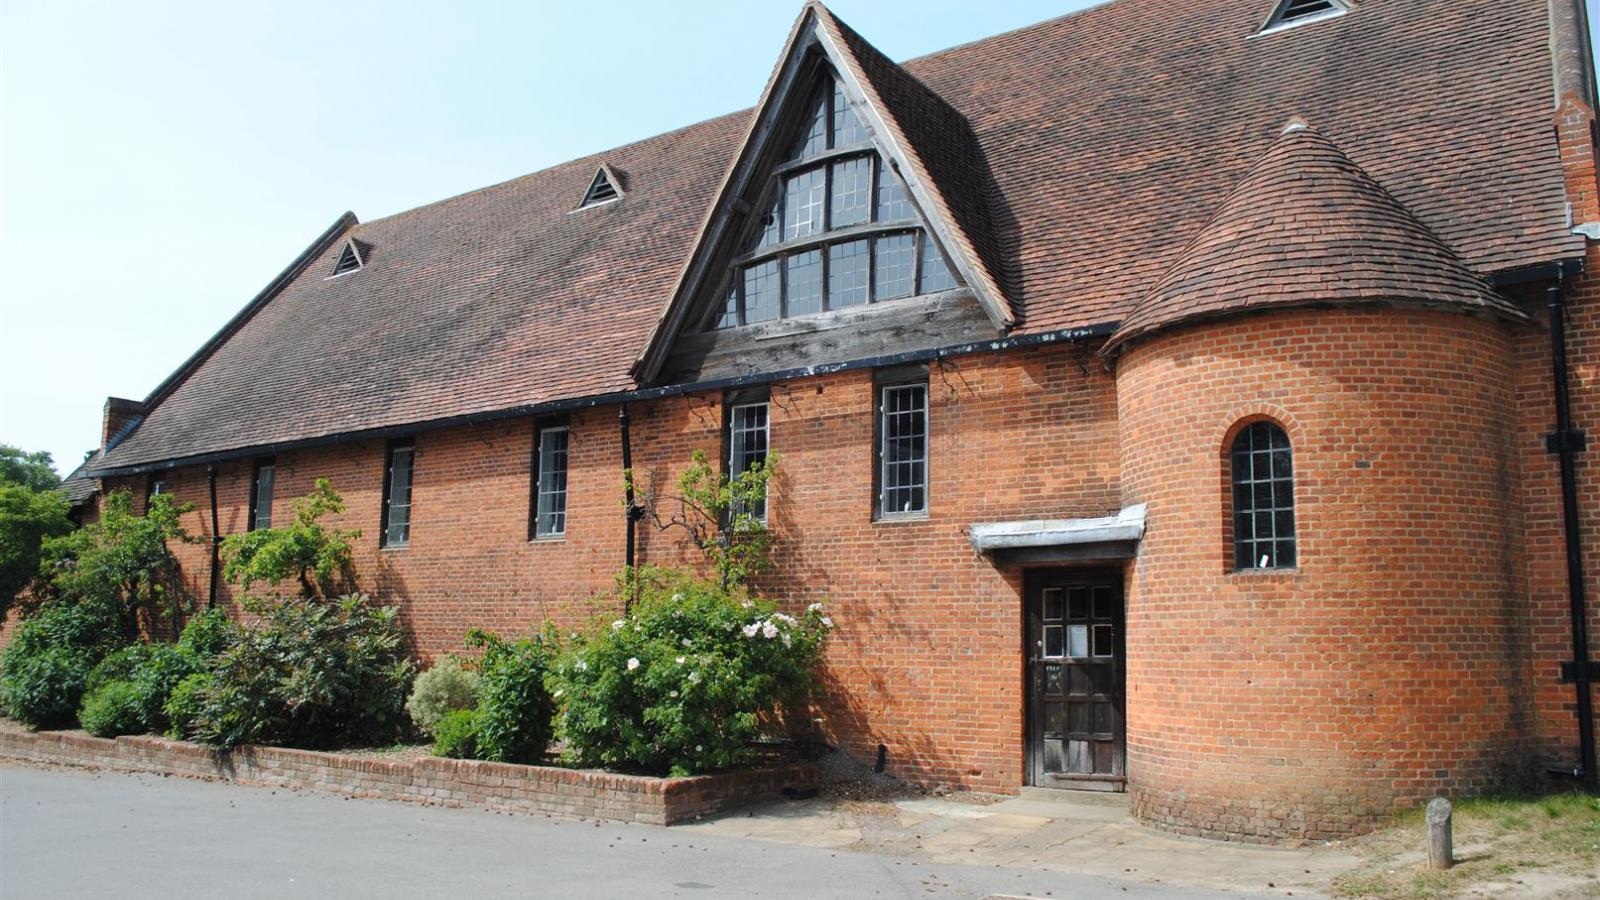 Lupton Hall